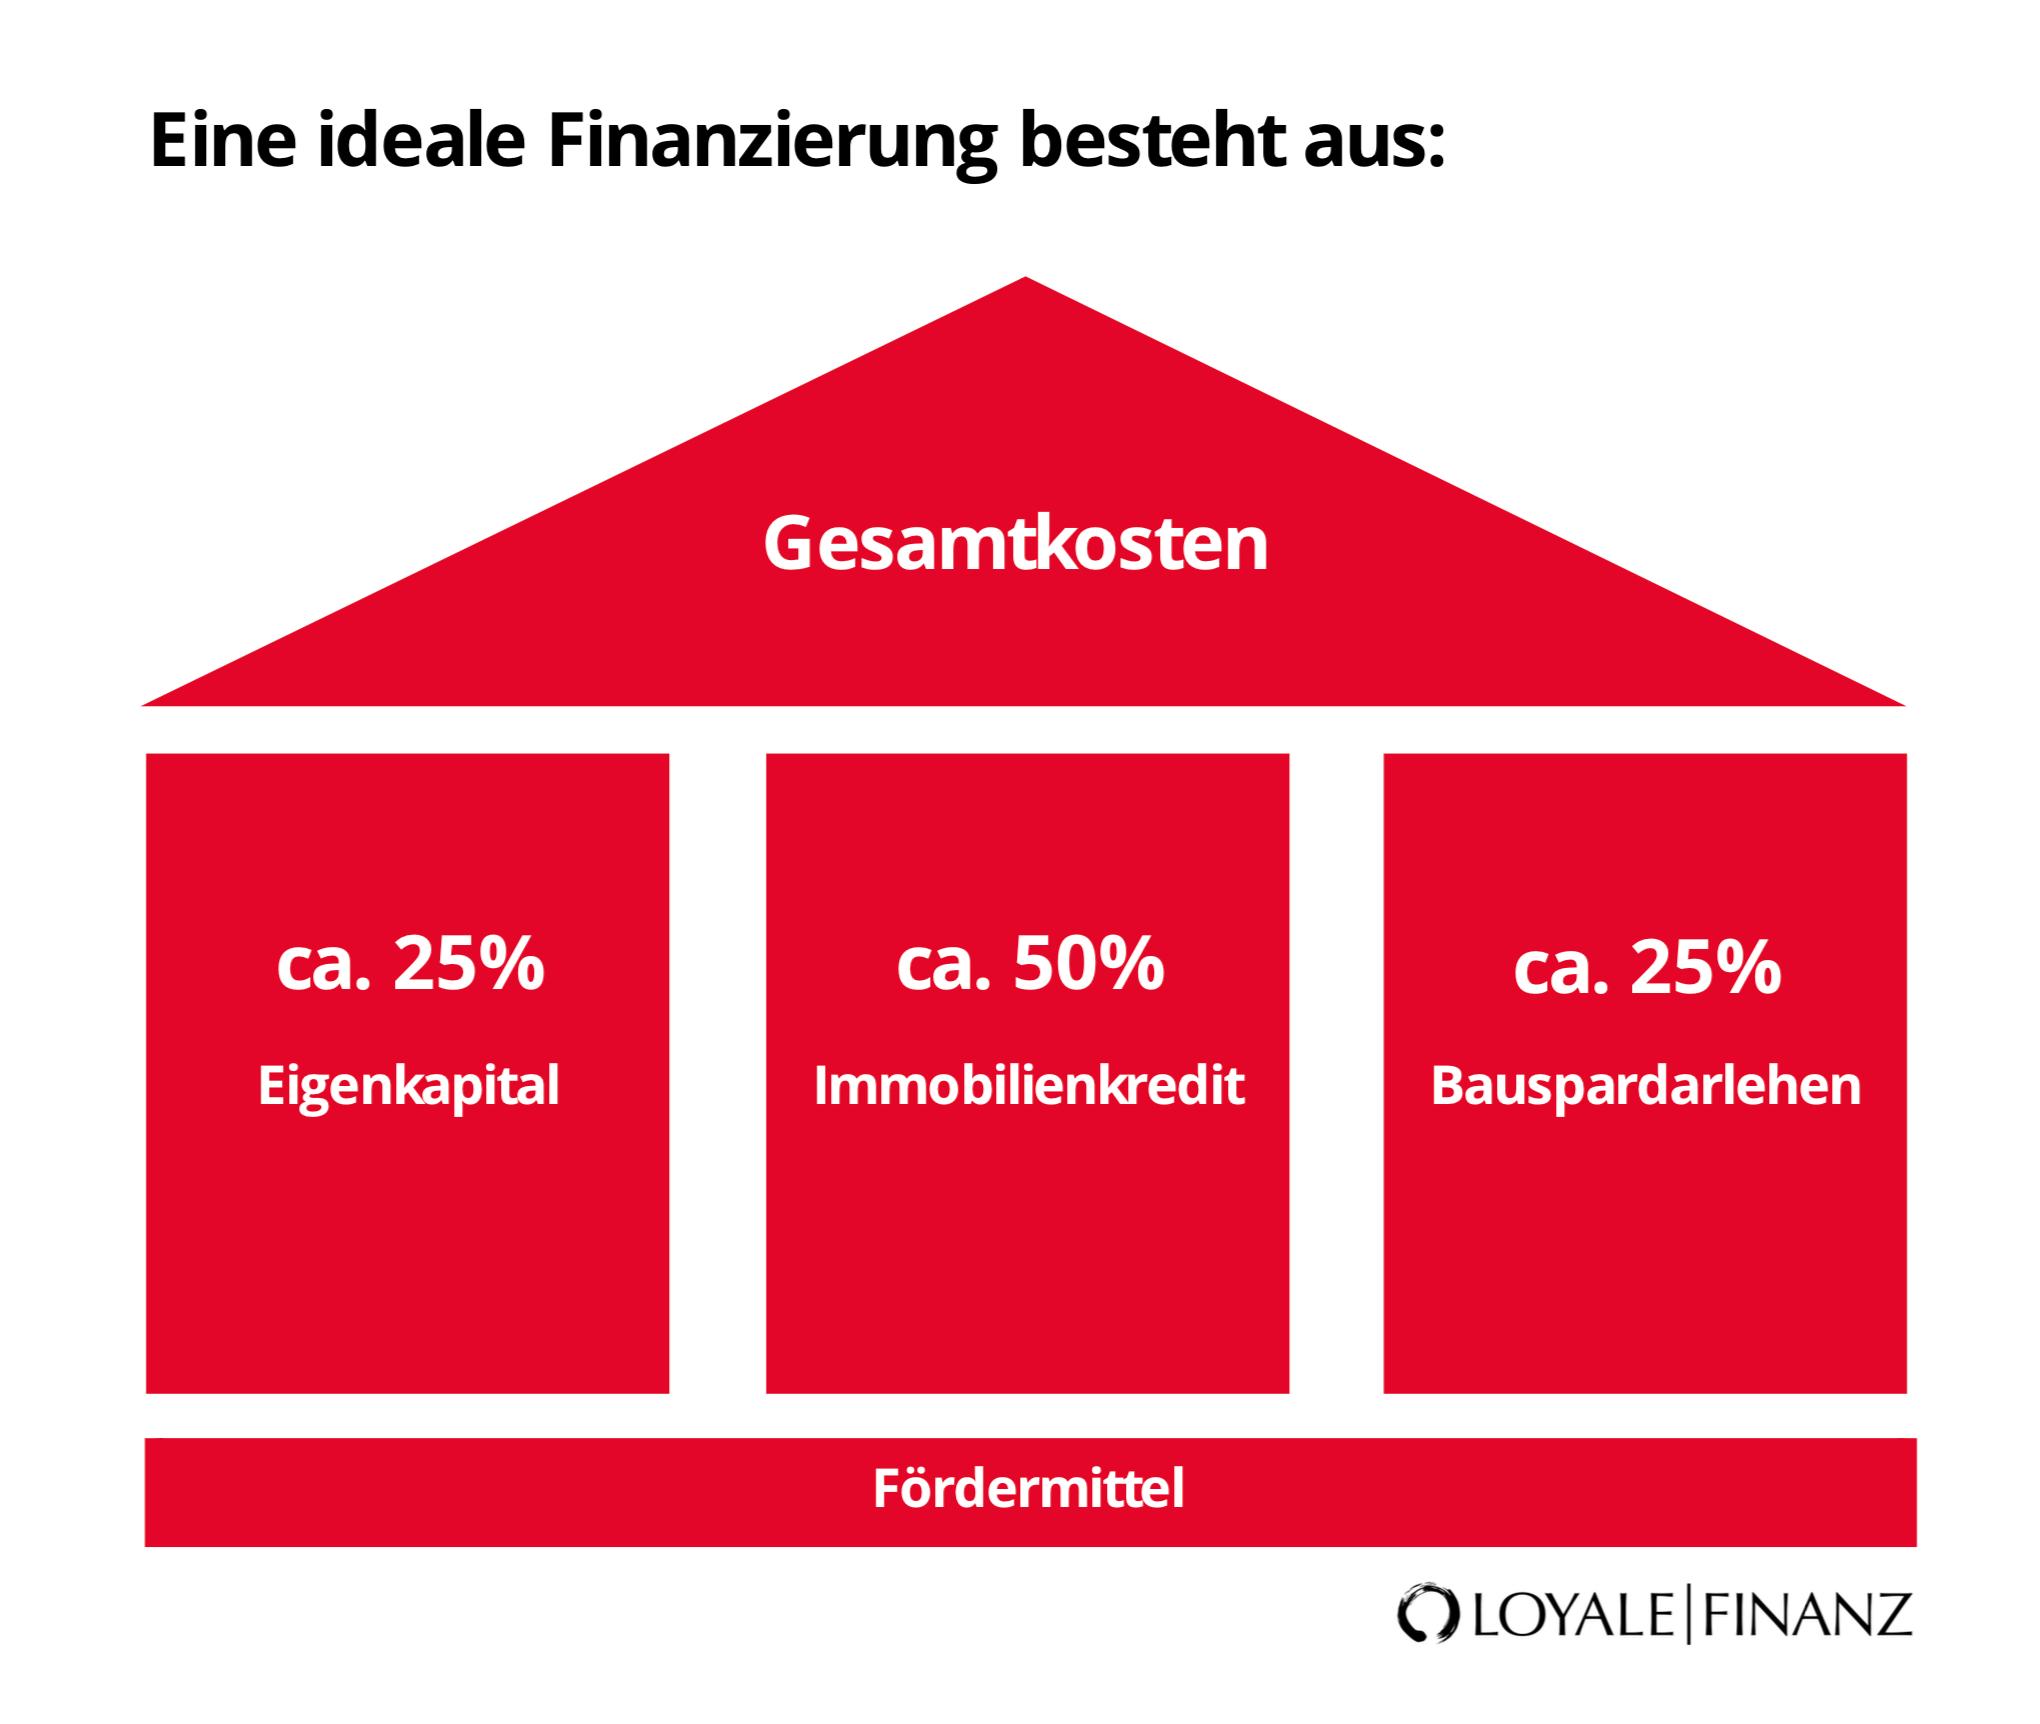 Die ideale Baufinanzierung mit Bausparvertrag